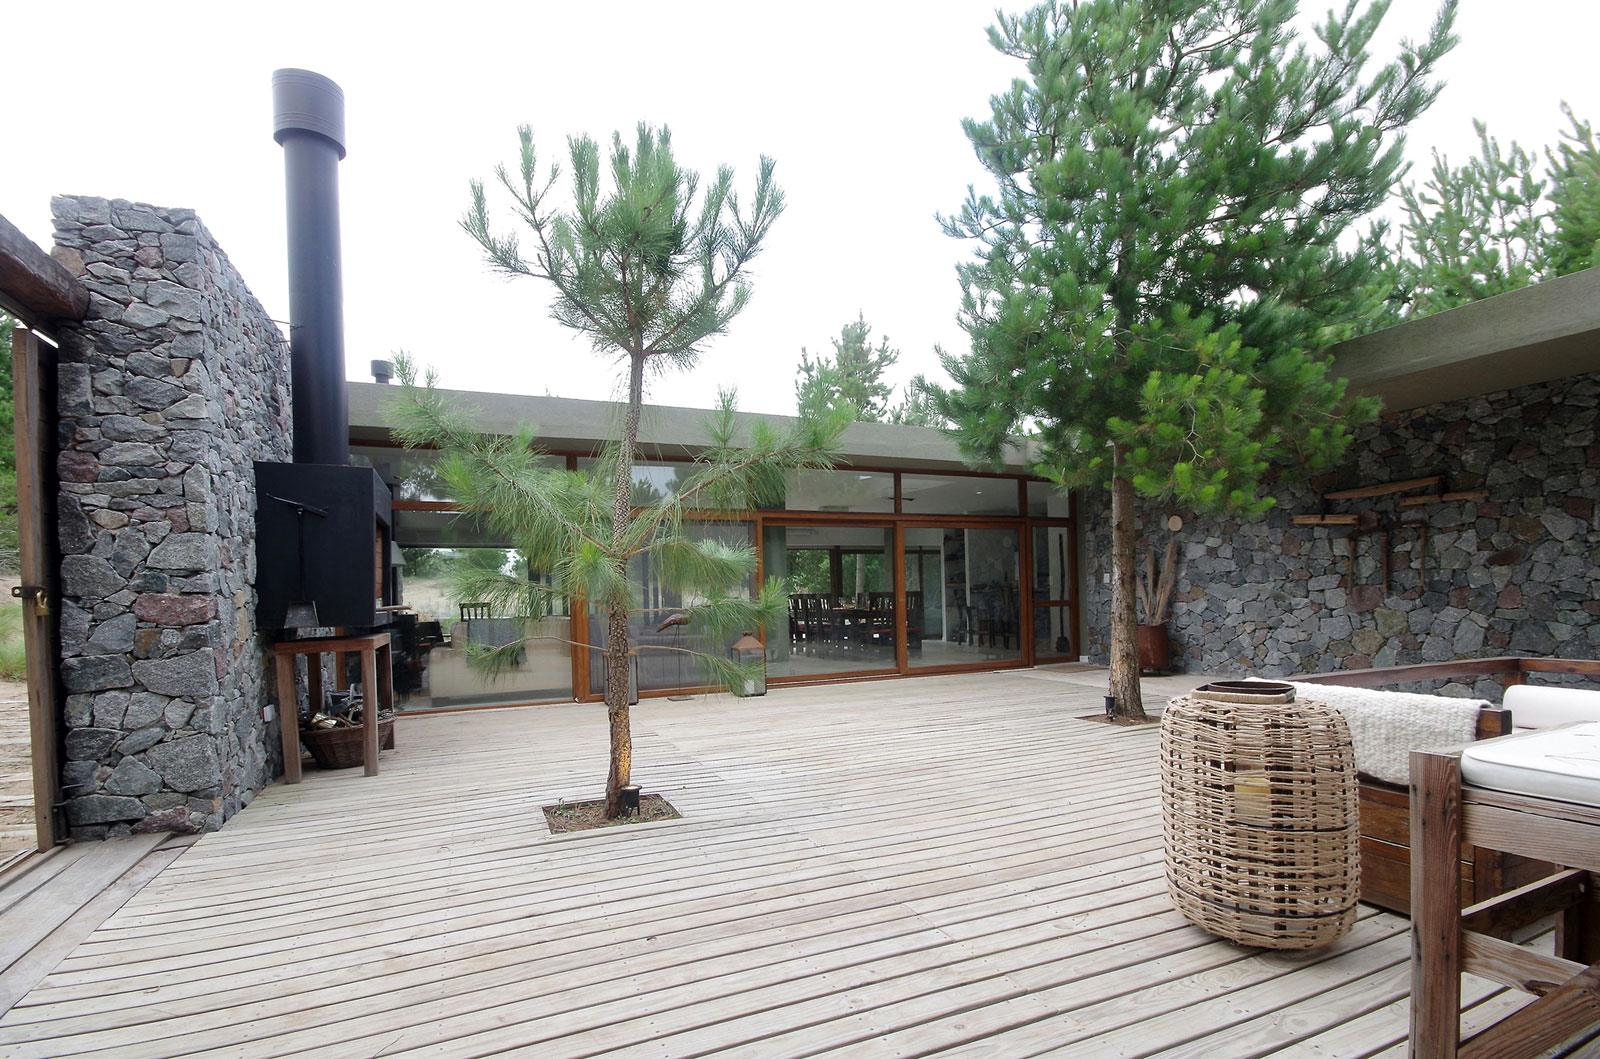 wood paved indoor garden